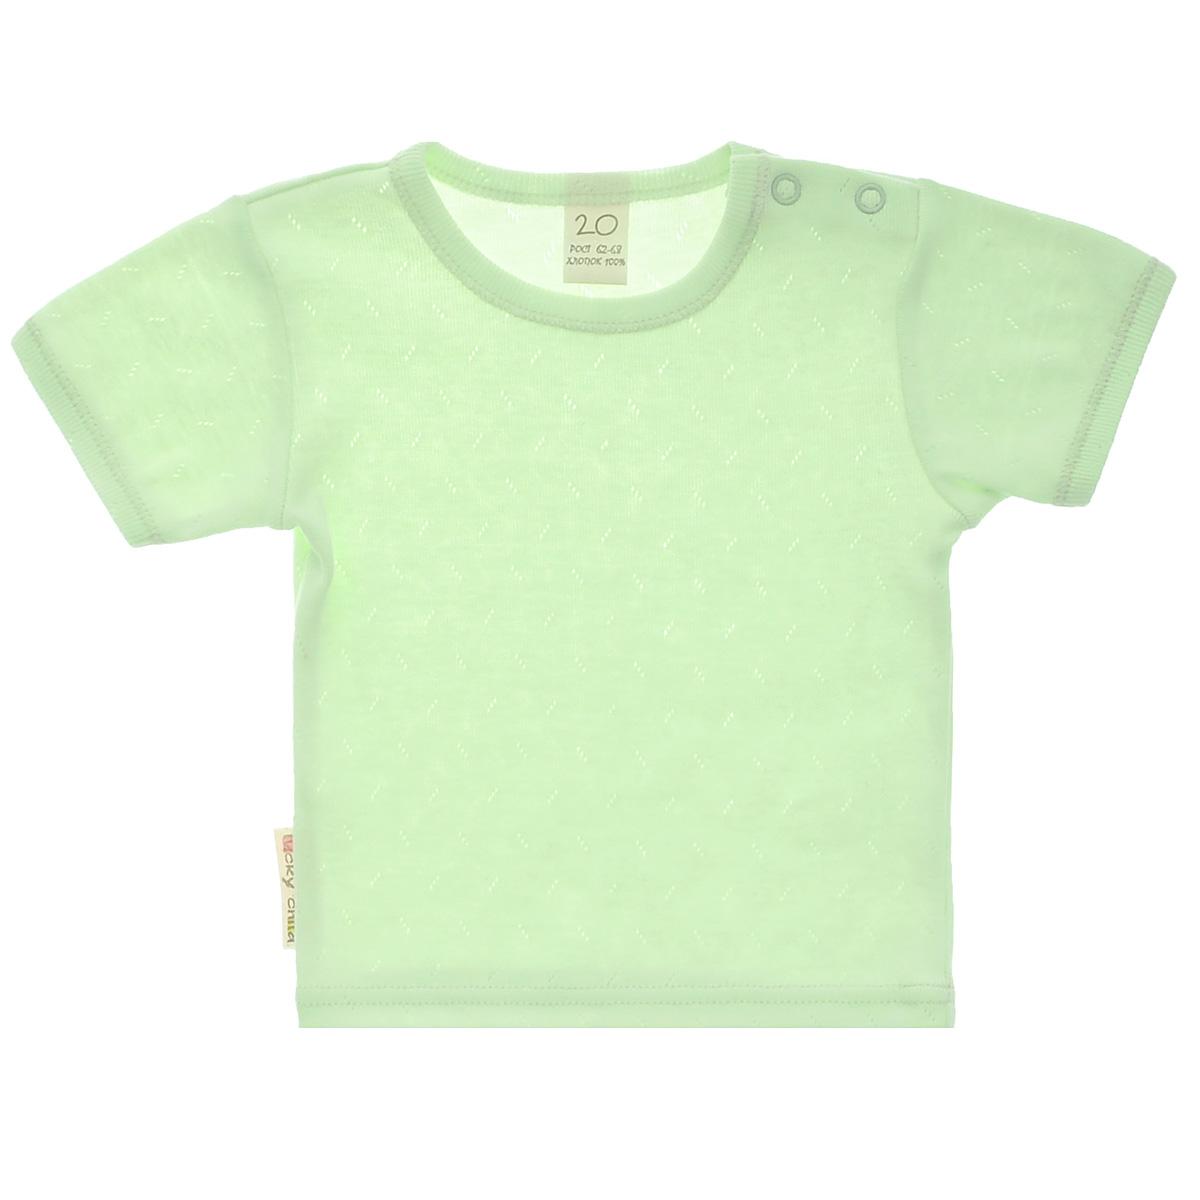 Футболка детская Lucky Child Ажур, цвет: зеленый. 0-26. Размер 80/860-26Футболка для новорожденного Lucky Child послужит идеальным дополнением к гардеробу вашего малыша, обеспечивая ему наибольший комфорт. Изготовленная из натурального хлопка, она необычайно мягкая и легкая, не раздражает нежную кожу ребенка и хорошо вентилируется, а эластичные швы приятны телу малыша и не препятствуют его движениям. Футболка с короткими рукавами, выполненная из ткани с ажурным узором, имеет кнопки по плечу, которые позволяют без труда переодеть младенца. Футболка полностью соответствует особенностям жизни ребенка в ранний период, не стесняя и не ограничивая его в движениях.